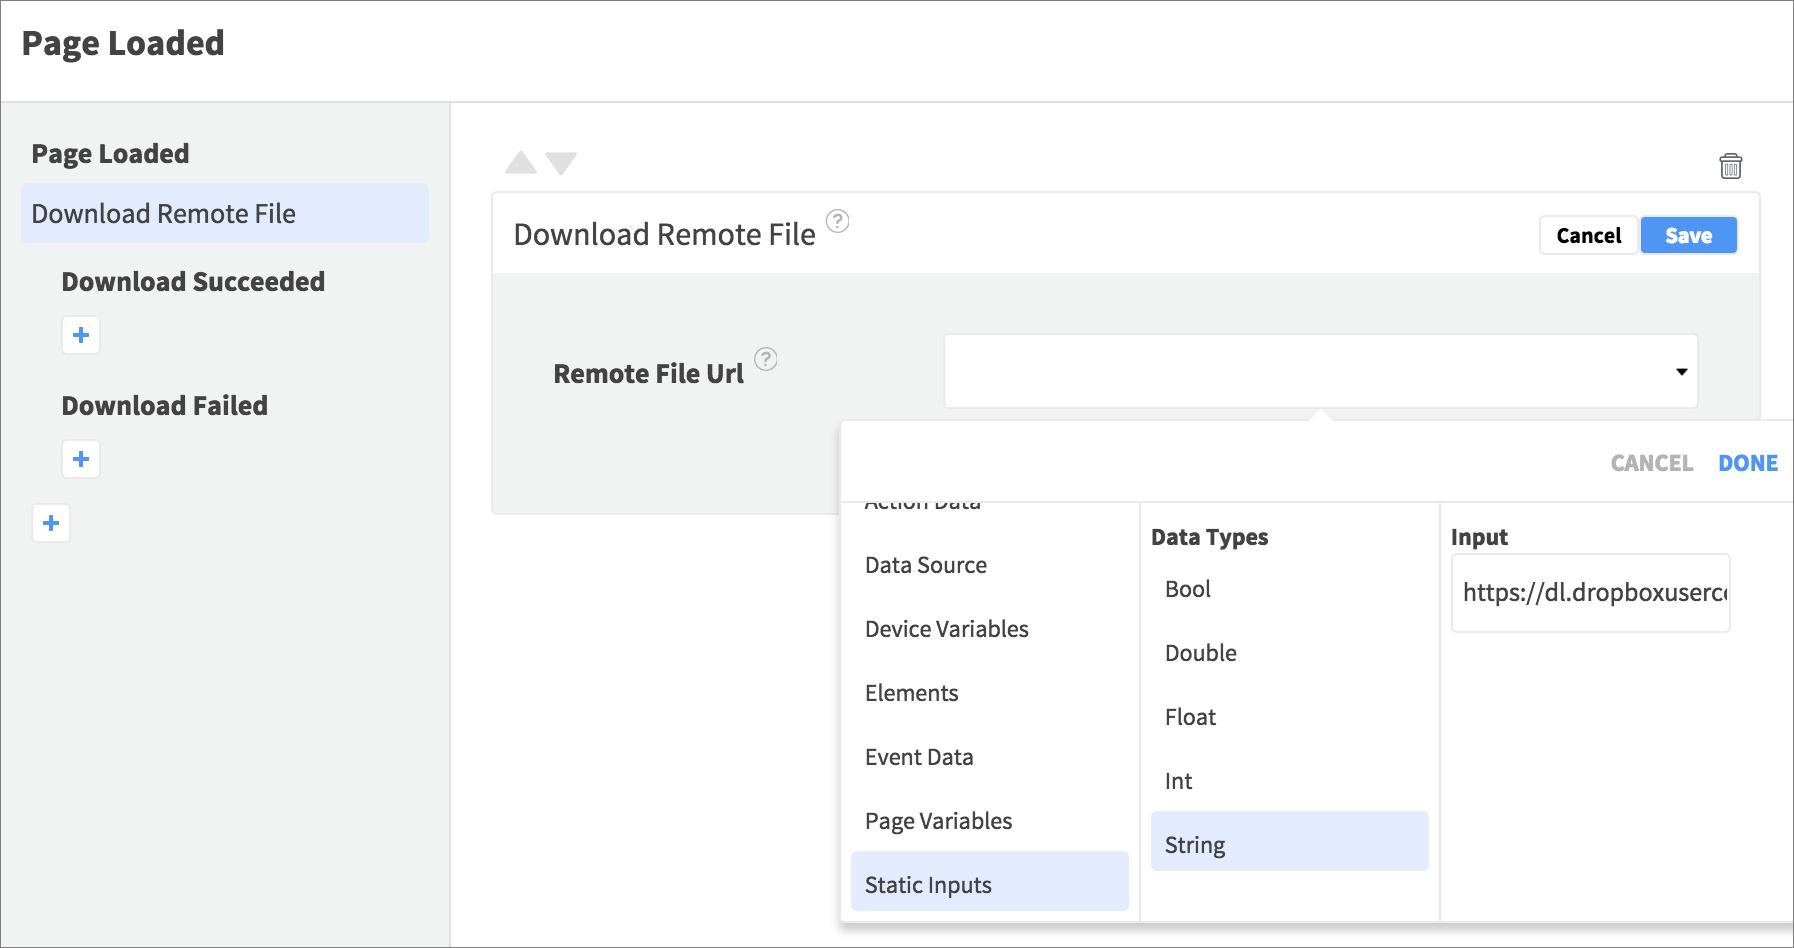 download remote file